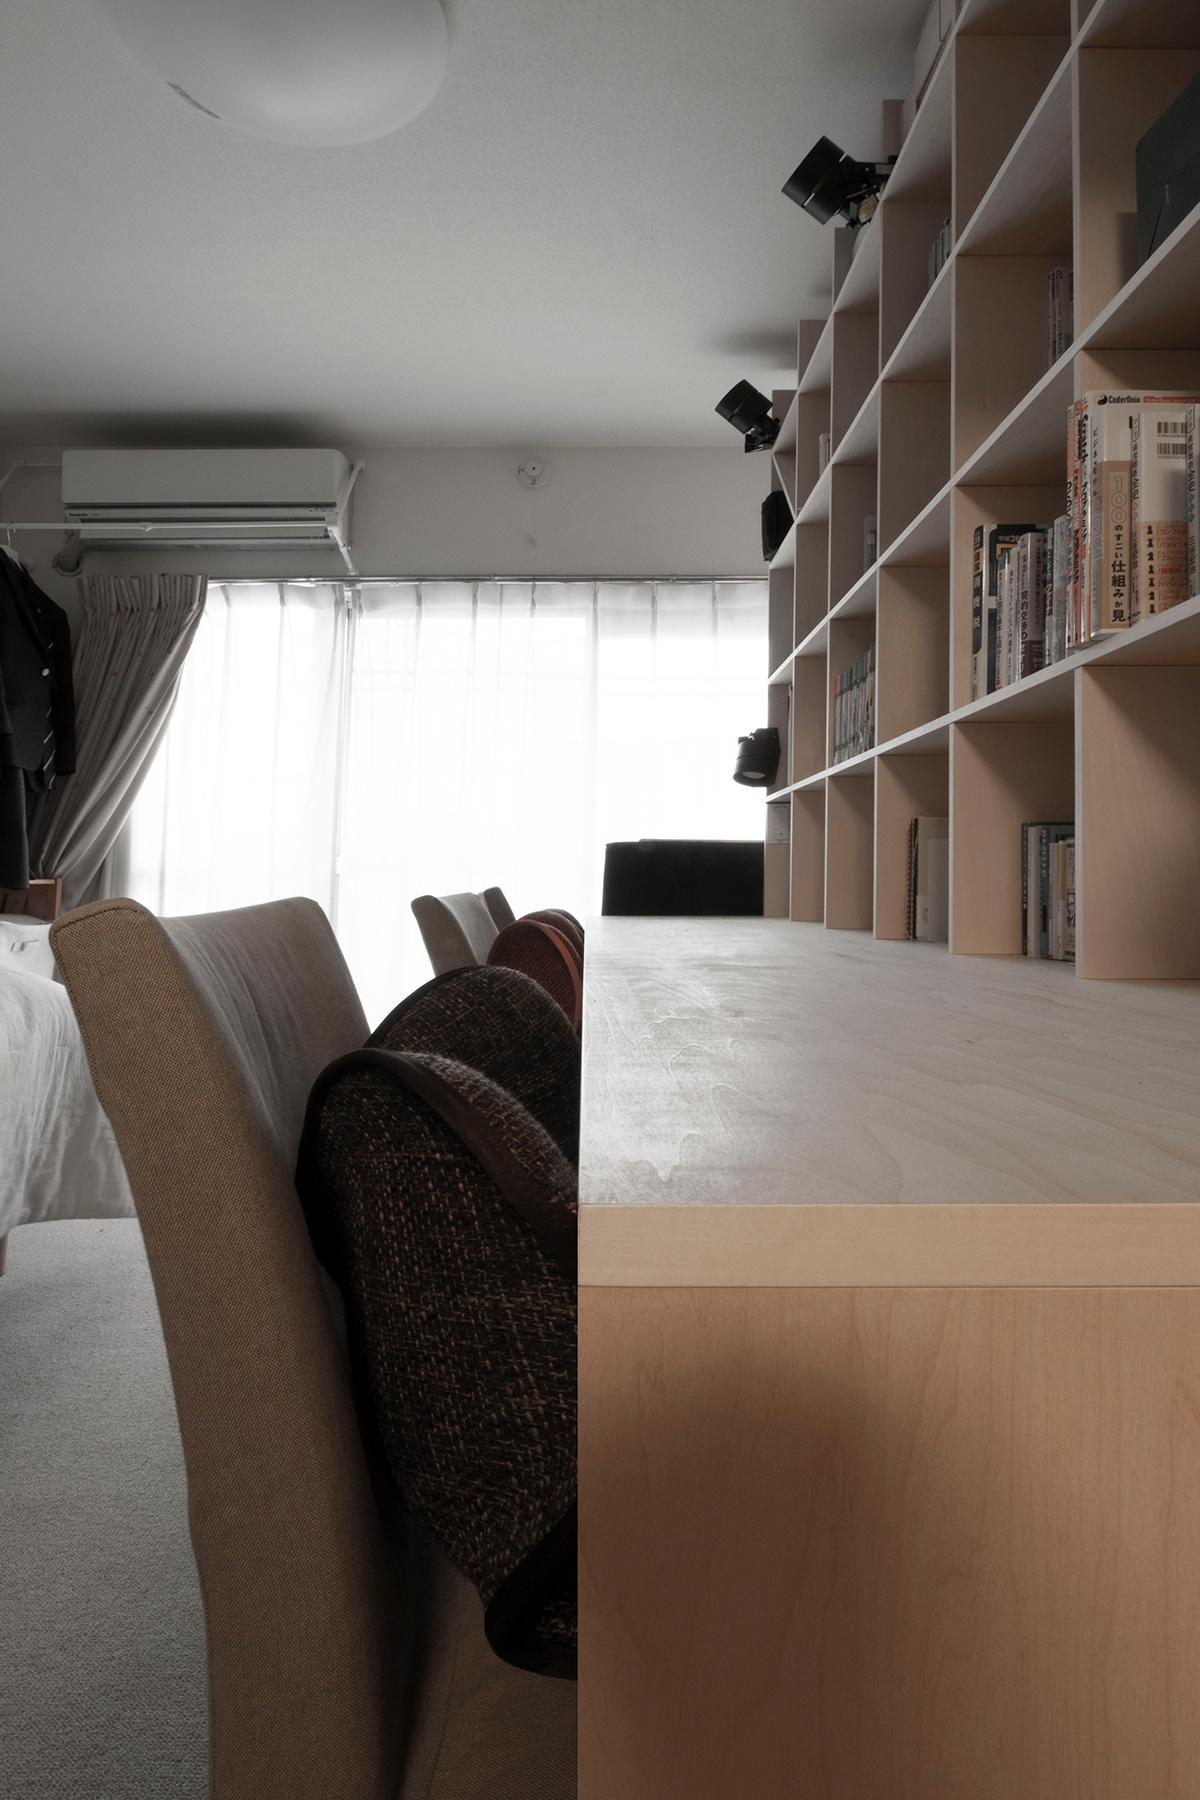 カウンター付き本棚のある子供部屋   カウンター付き本棚/Shelf(No.29)